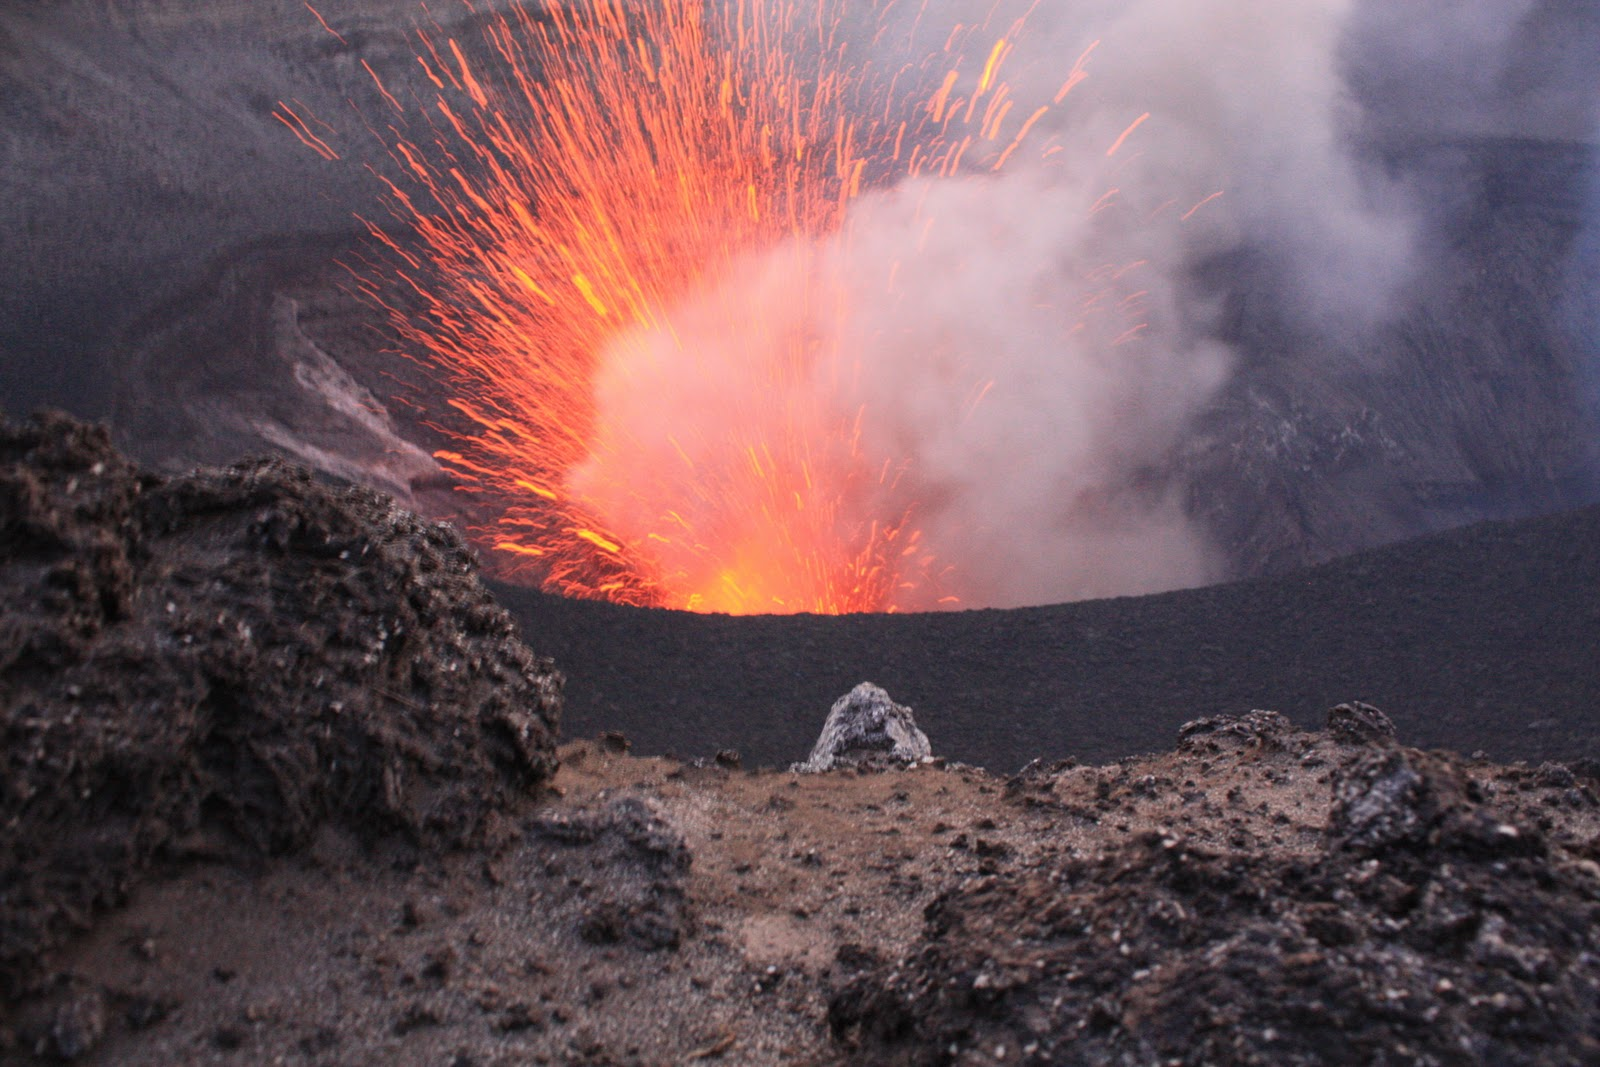 ジェフ・マックレイとブラッドリー・アンブローズのバヌアツのヤスール火山動画がヤバイ!もはやCGかSF!